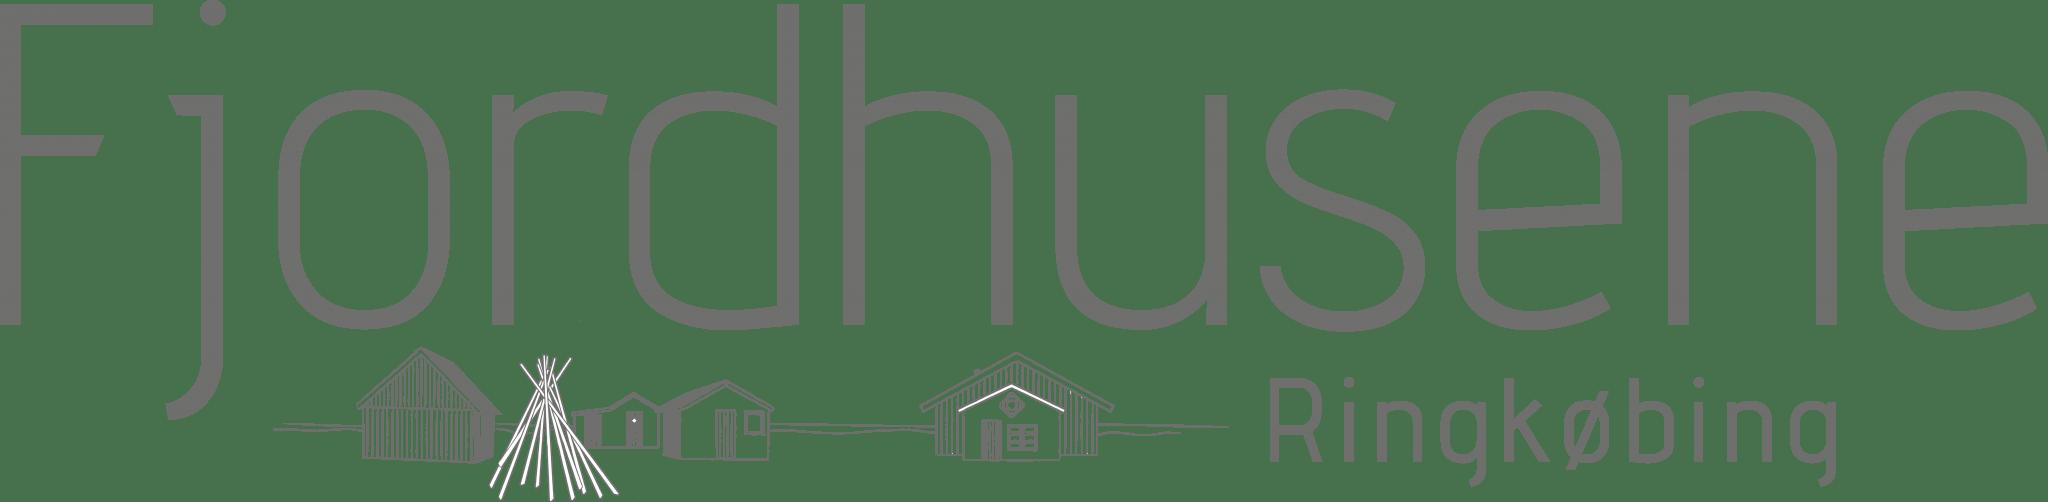 Fjordhusene Ringkøbing logo